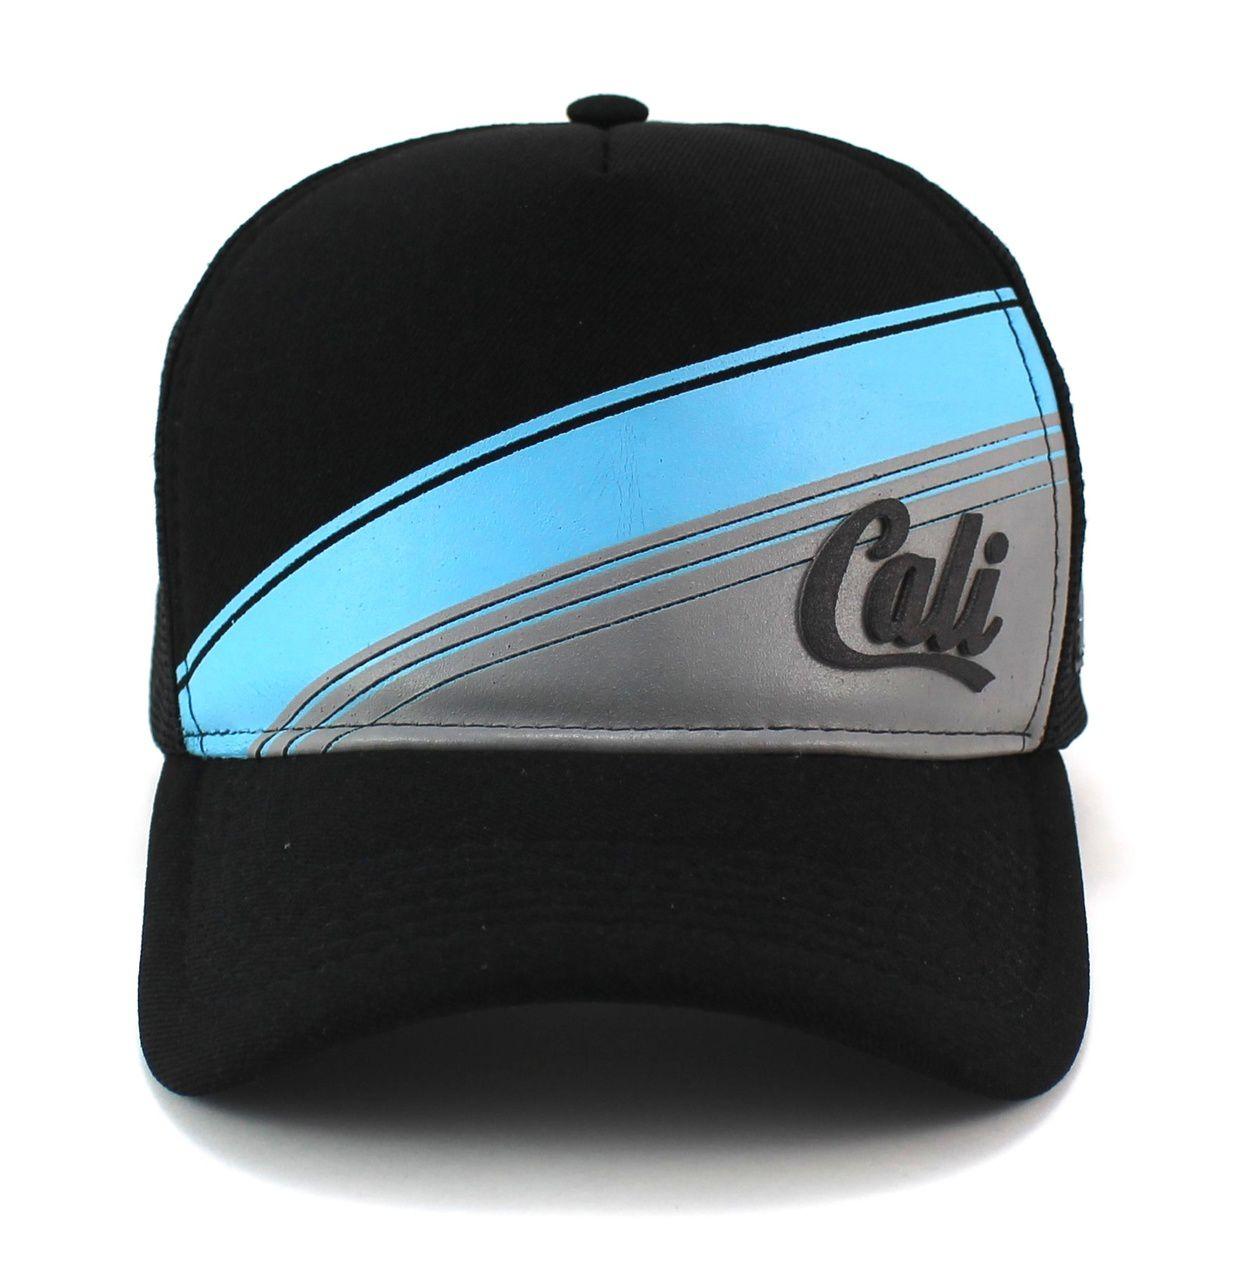 Boné Trucker Classic Hats Preto e Azul Cali Unisex com Regulagem de Tamanho Snapback